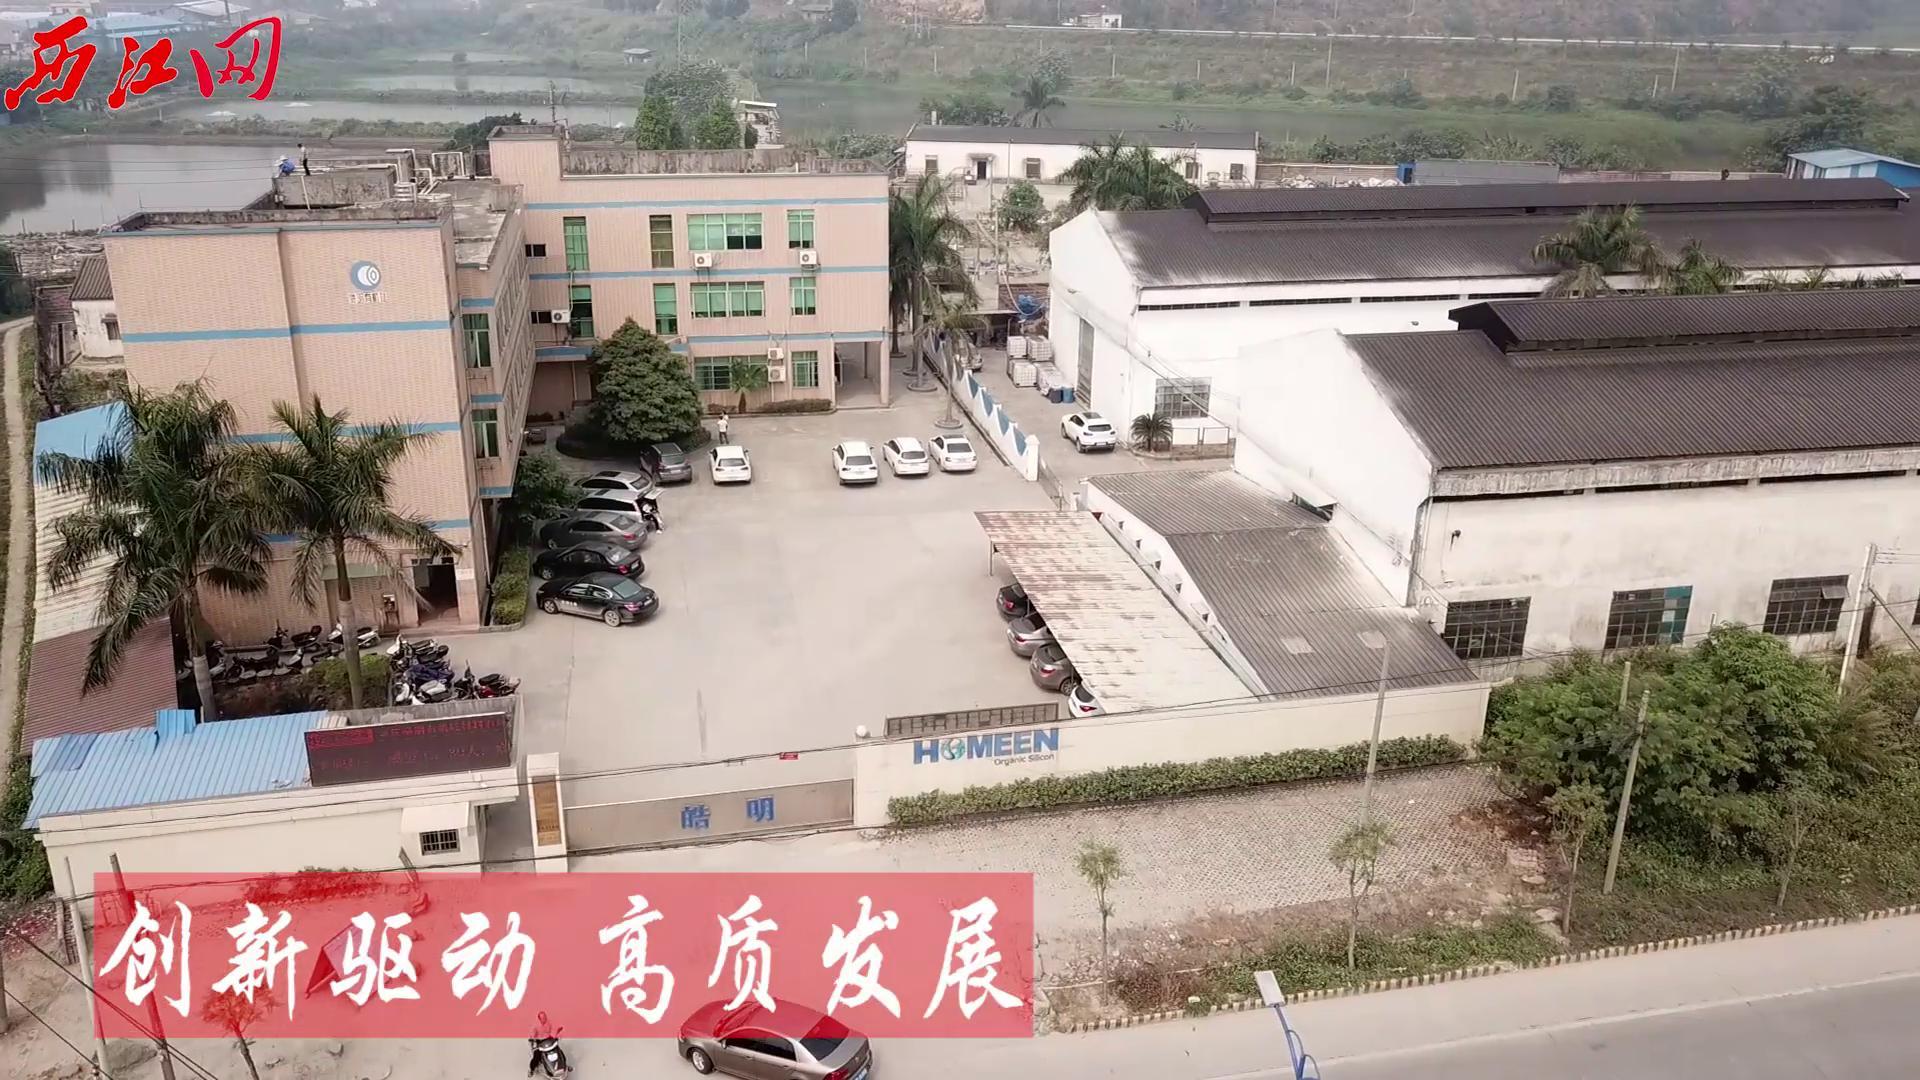 鼎湖:创新驱动打造高质量发展   启动生态治理实现绿富同兴